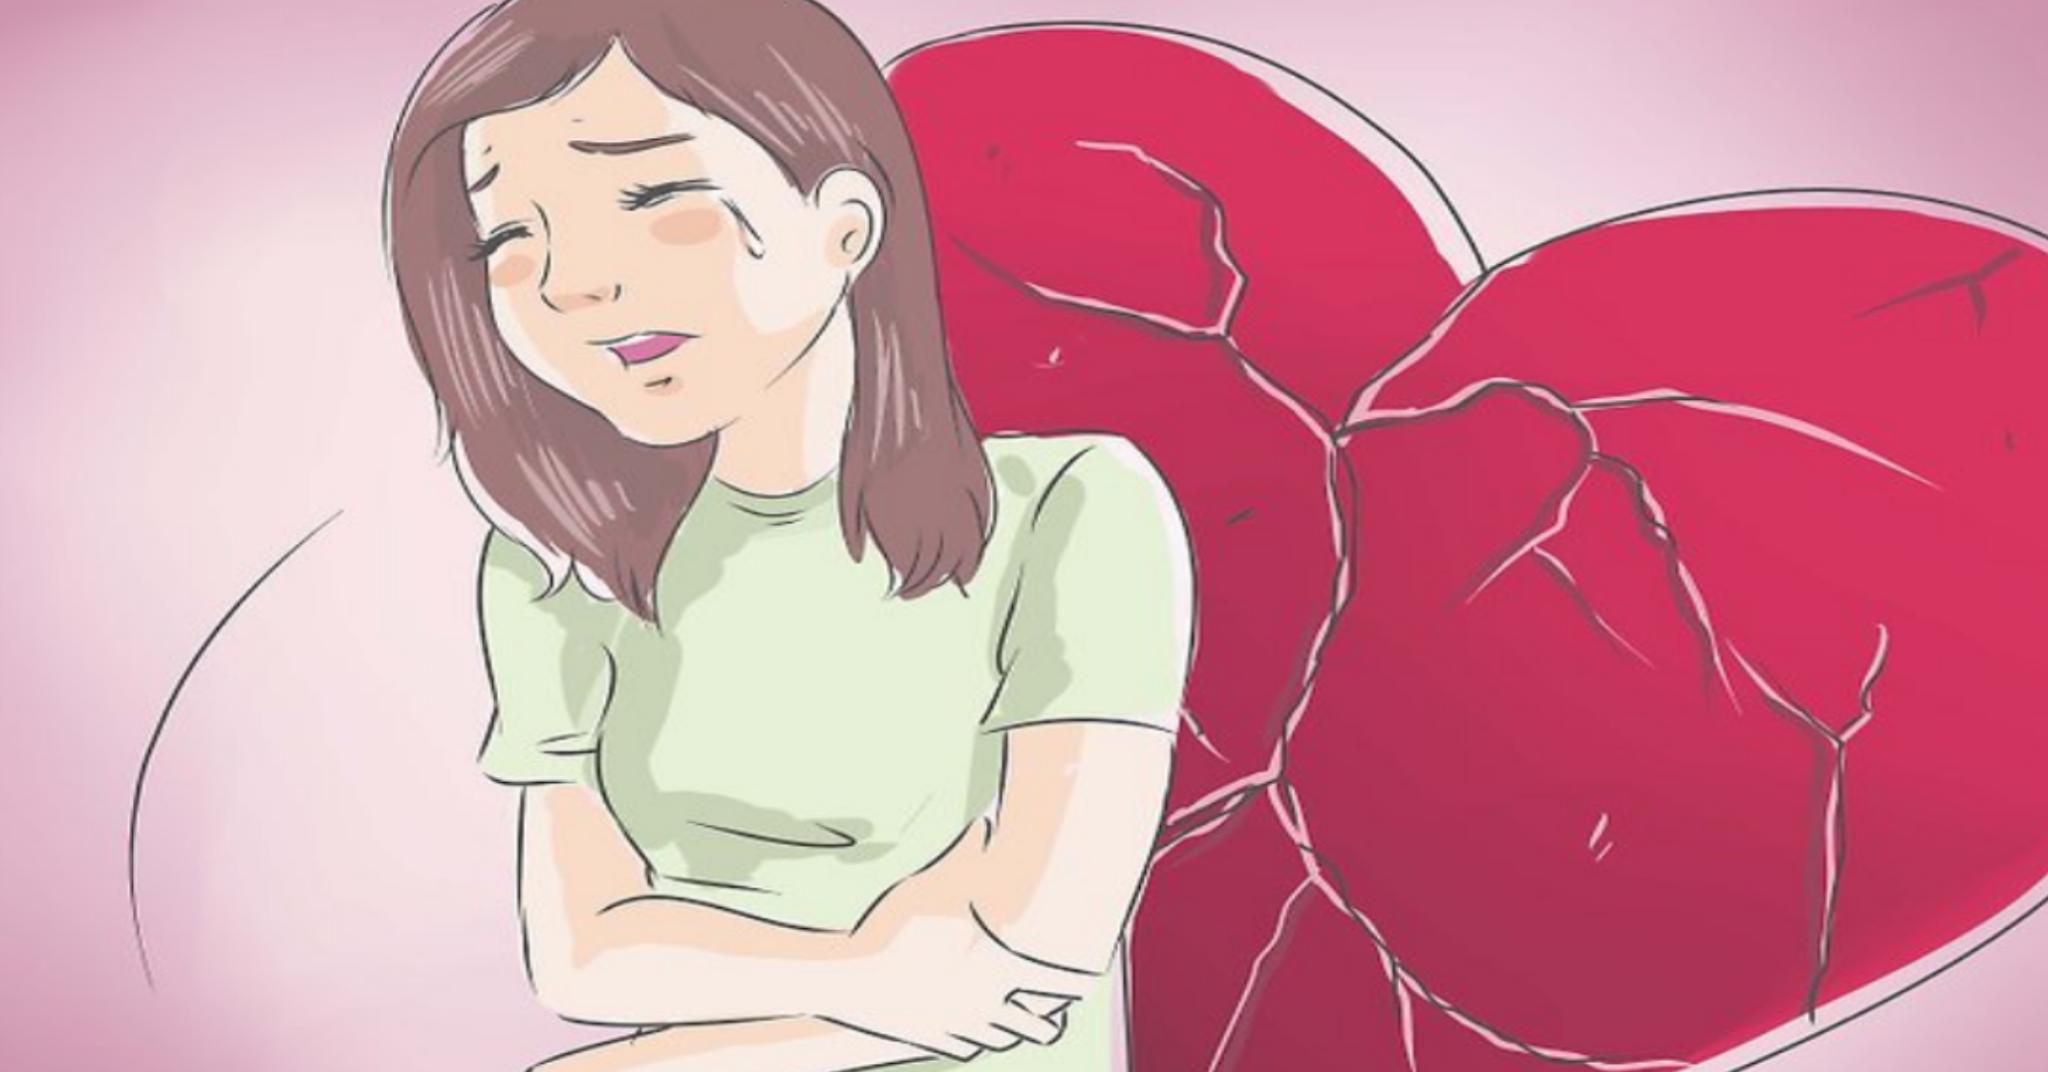 I segni zodiacali che più fanno soffrire in amore